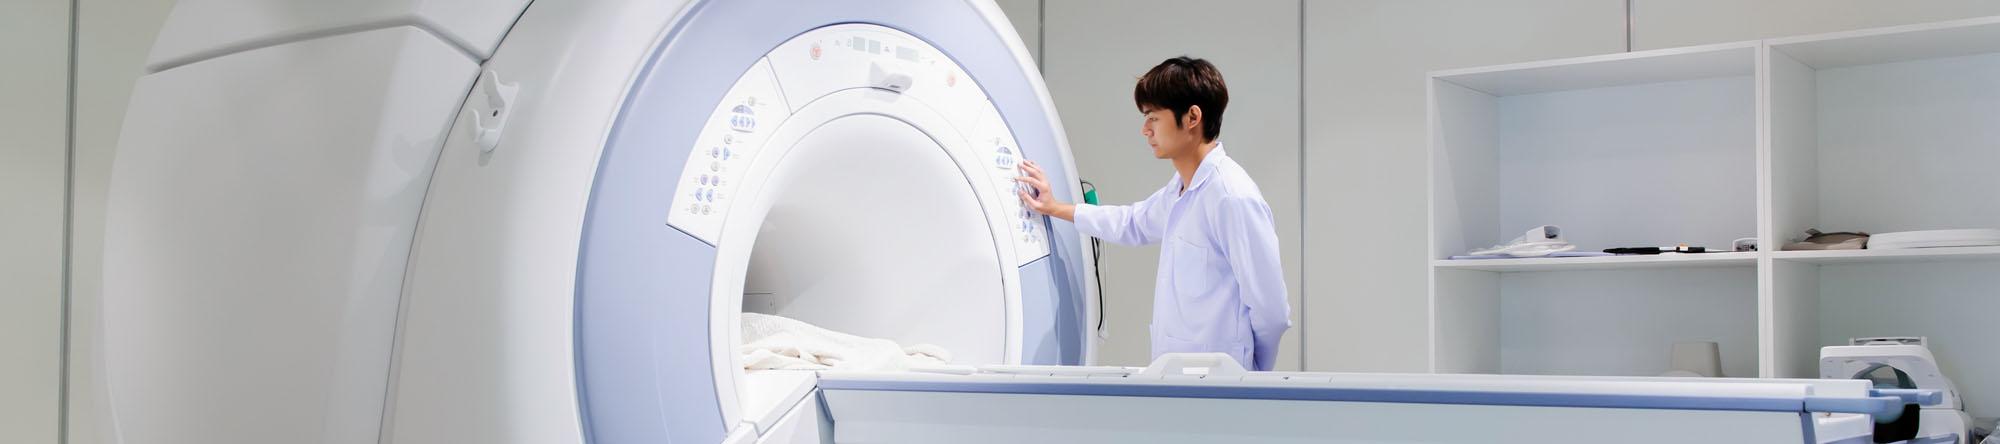 veterinarian doctor working in MRI scanner room